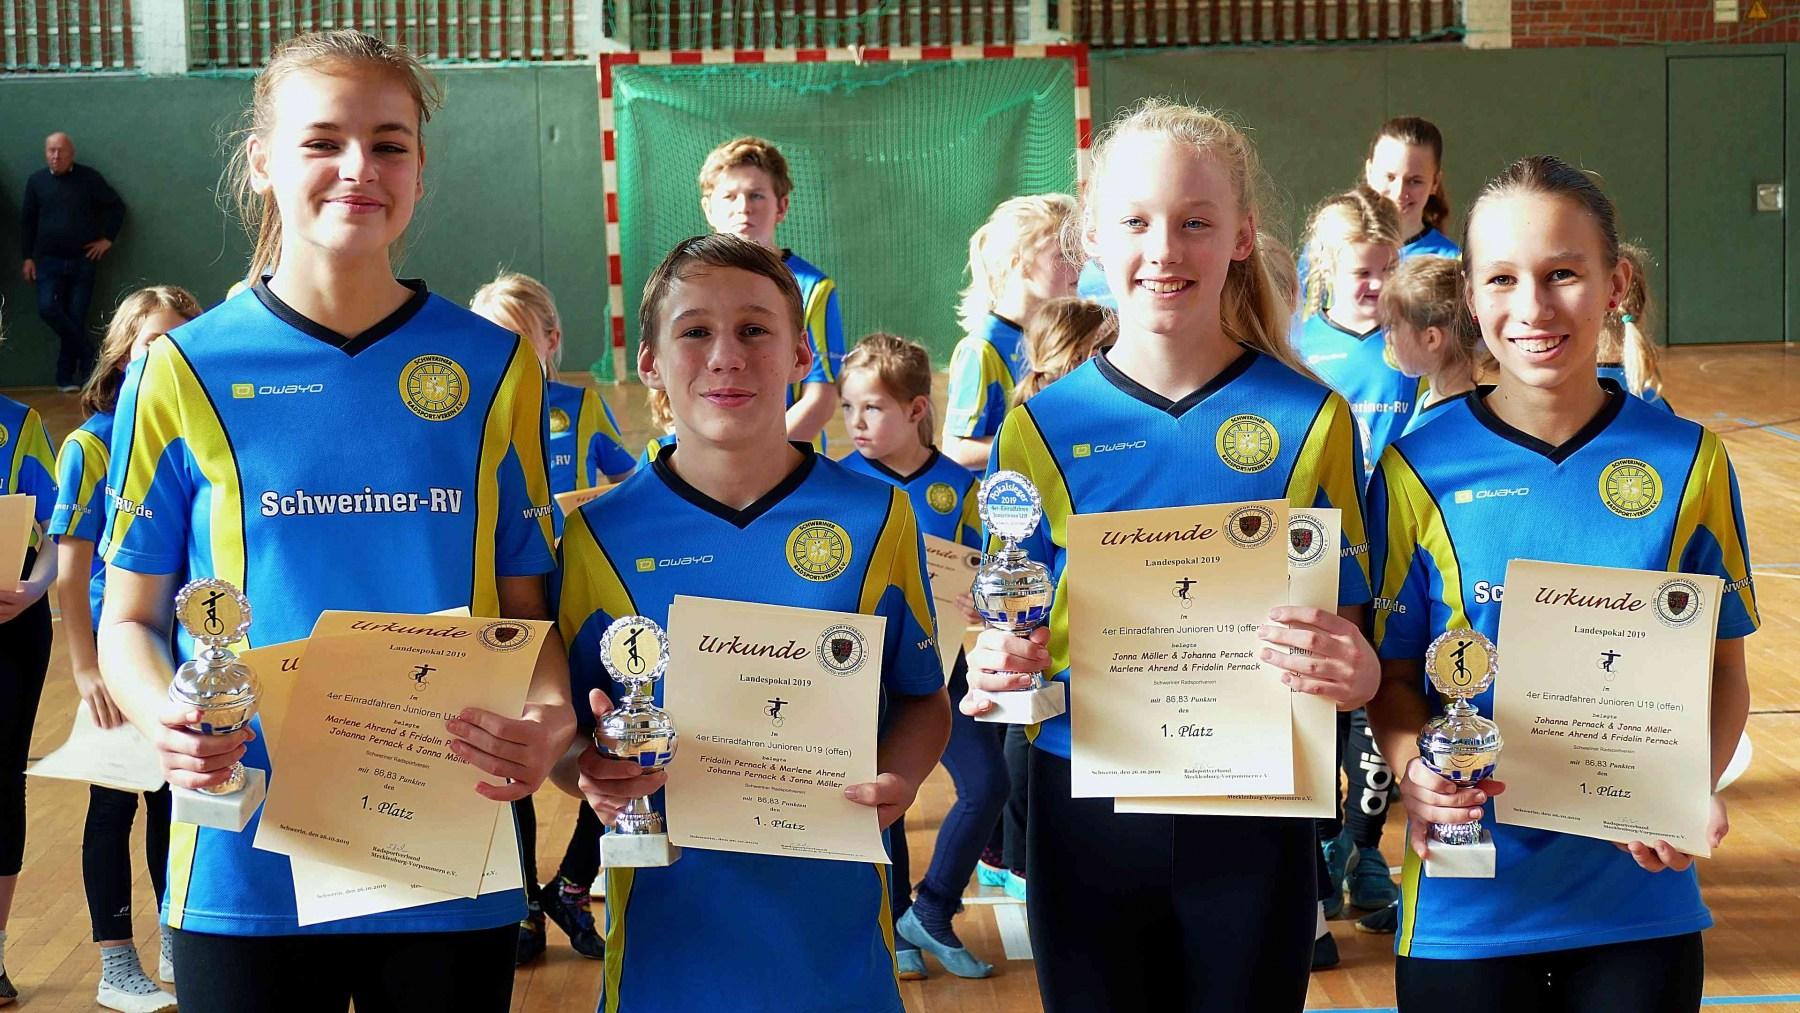 Einrad-Junioren-U19